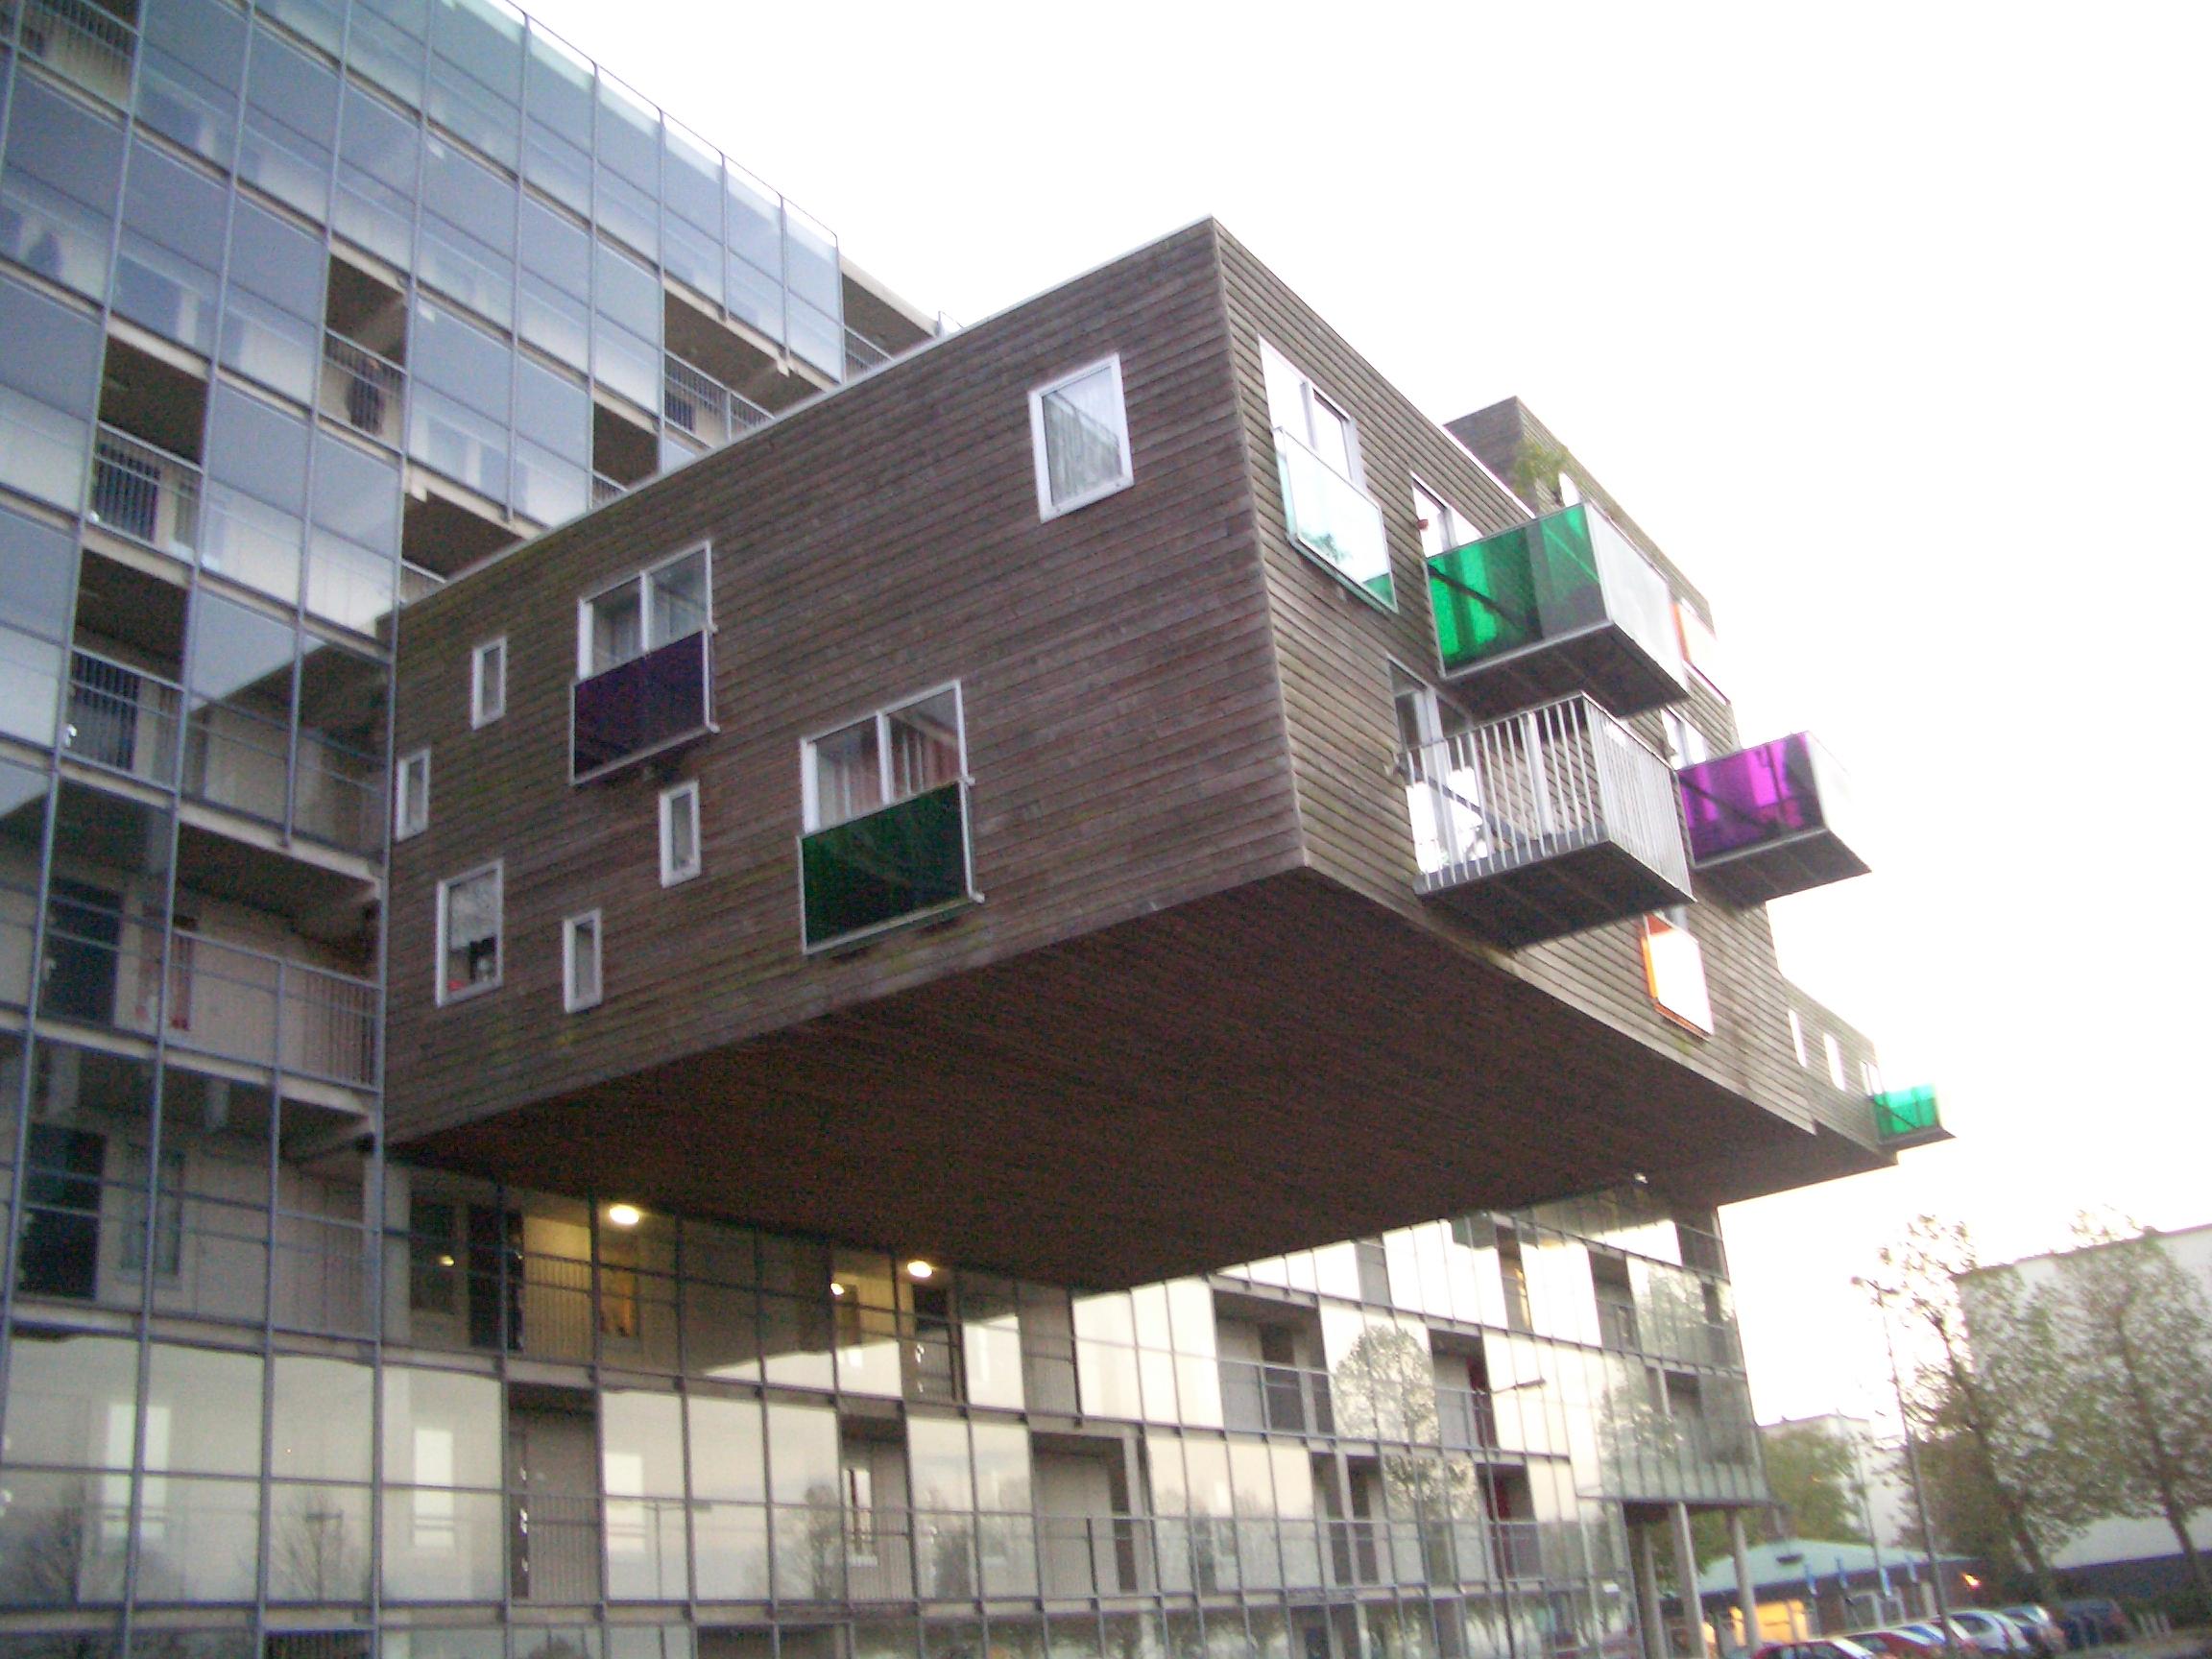 Arquitecto en valladolid infobel espa a - Arquitectos en valladolid ...